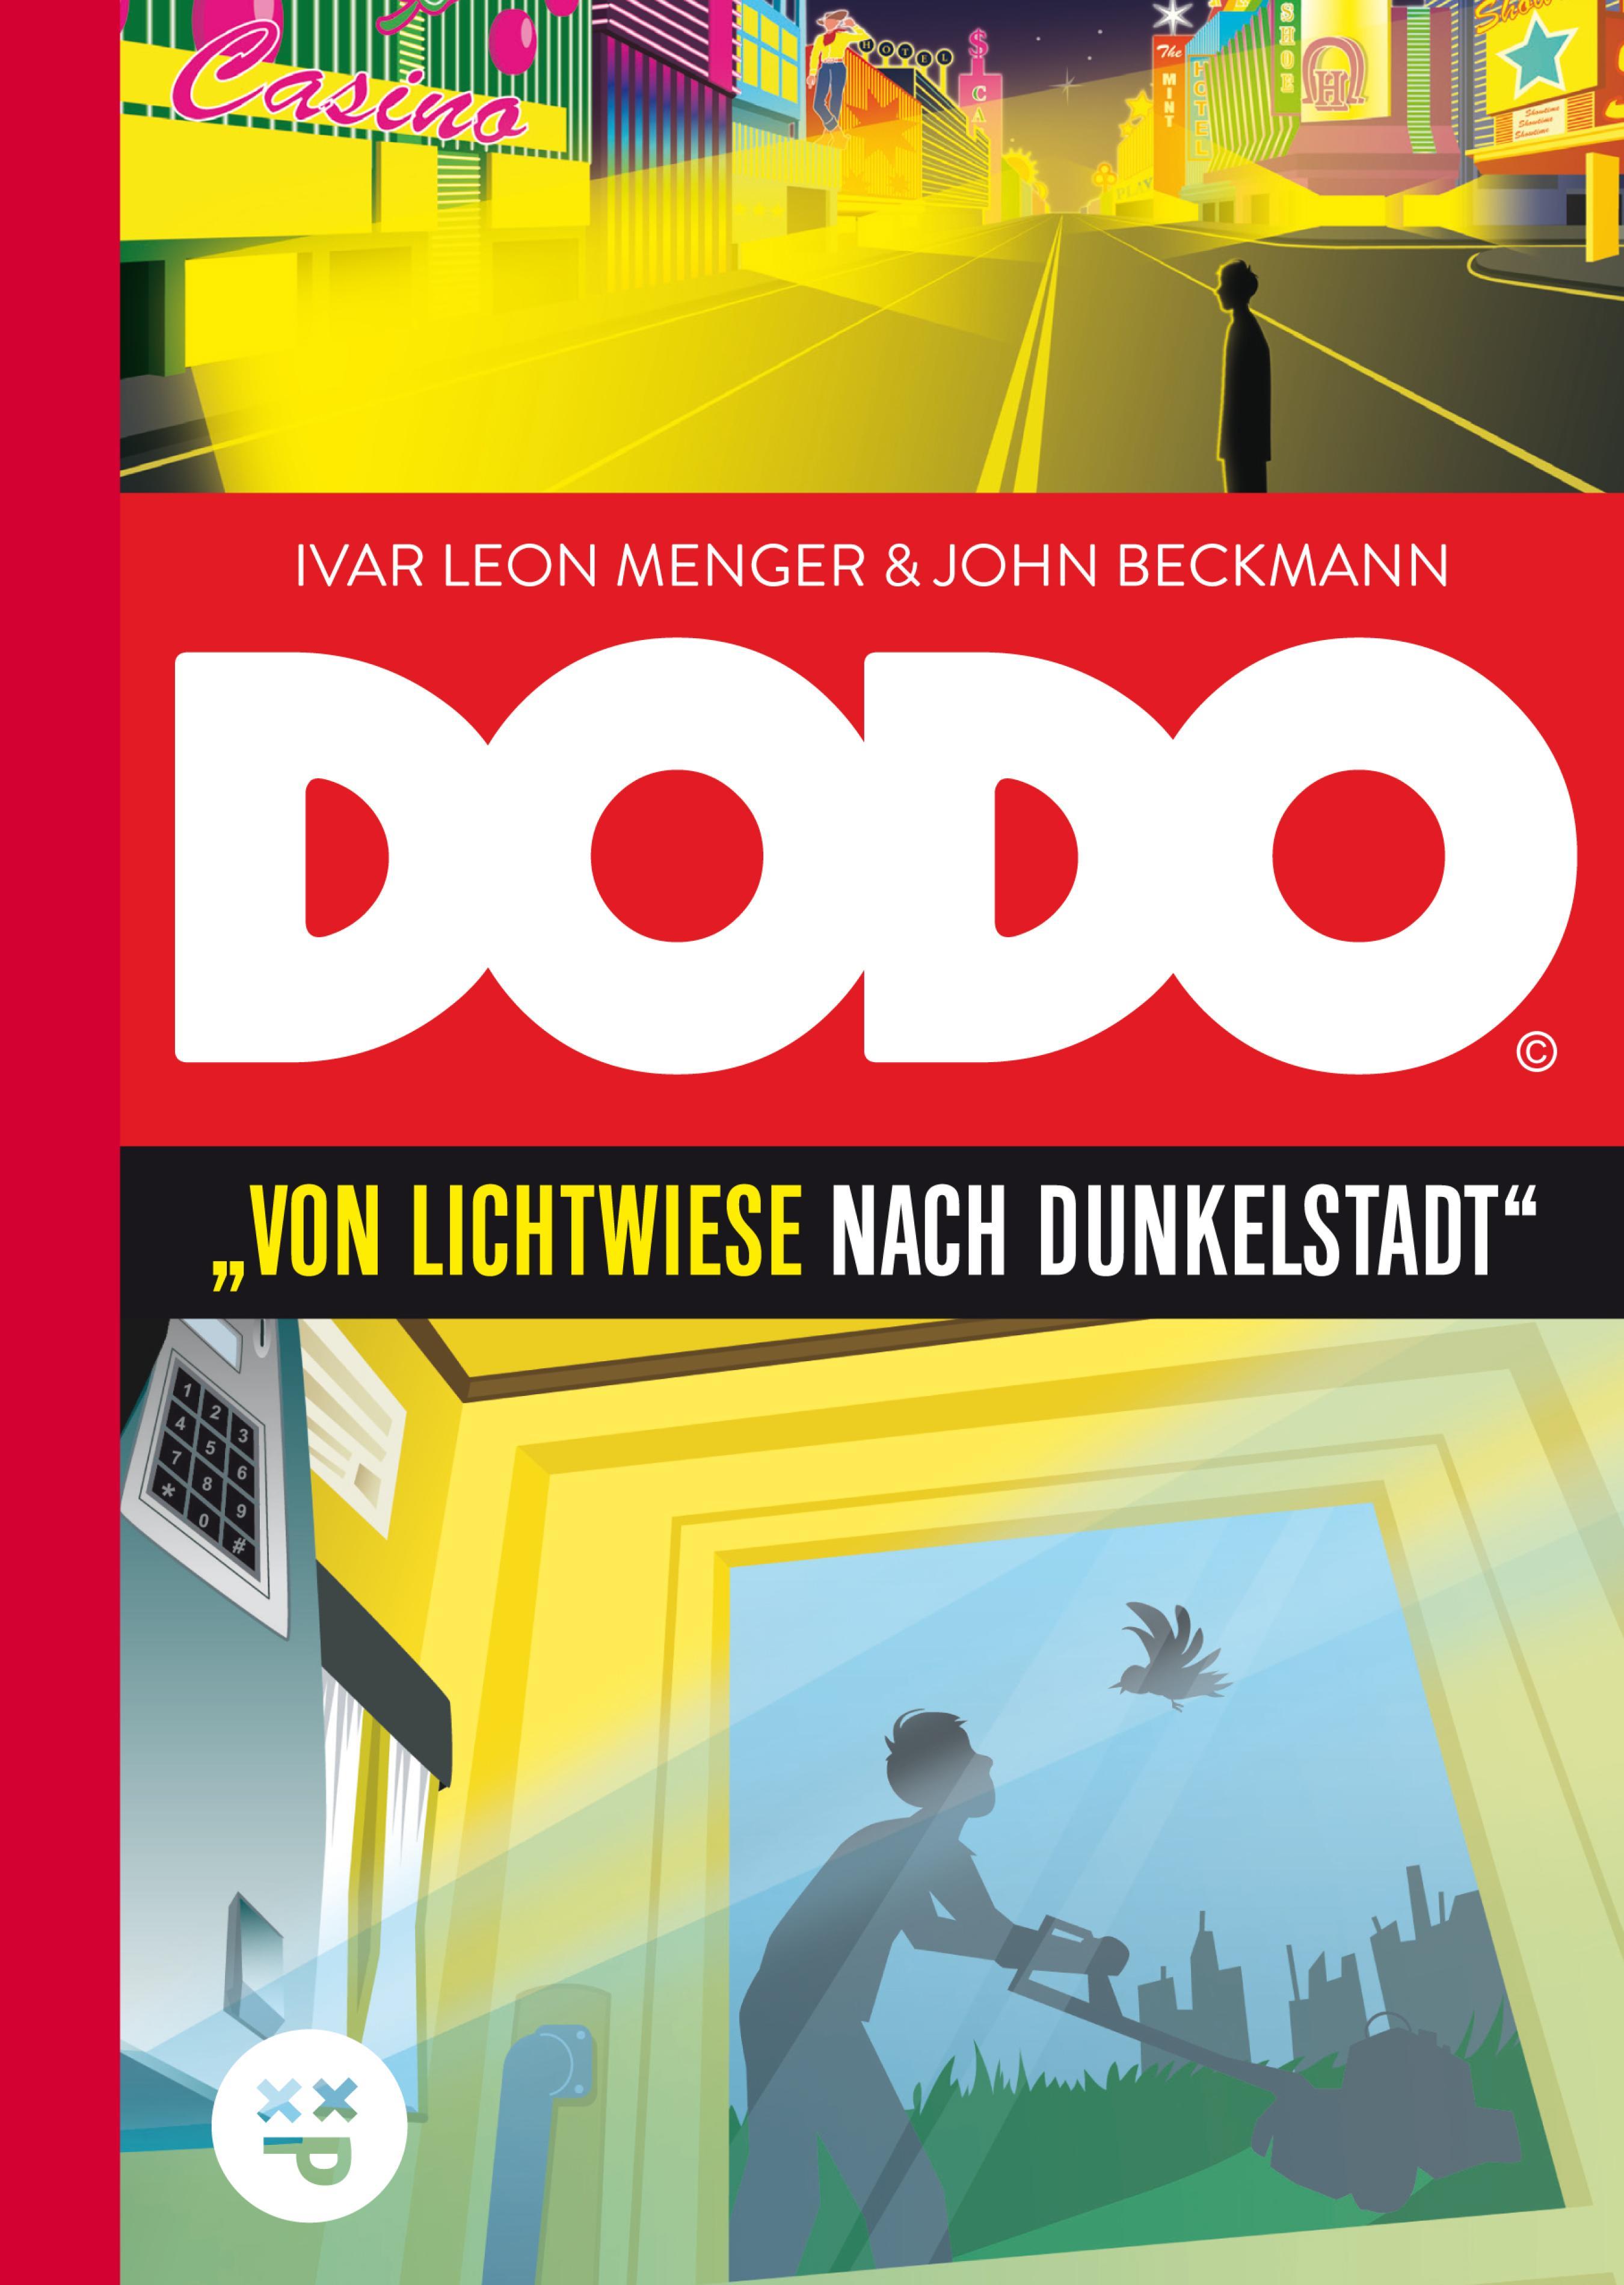 Ivar Leon Menger DODO – Von Lichtwiese nach Dunkelstadt ivar paulson vana eesti rahvausk page 4